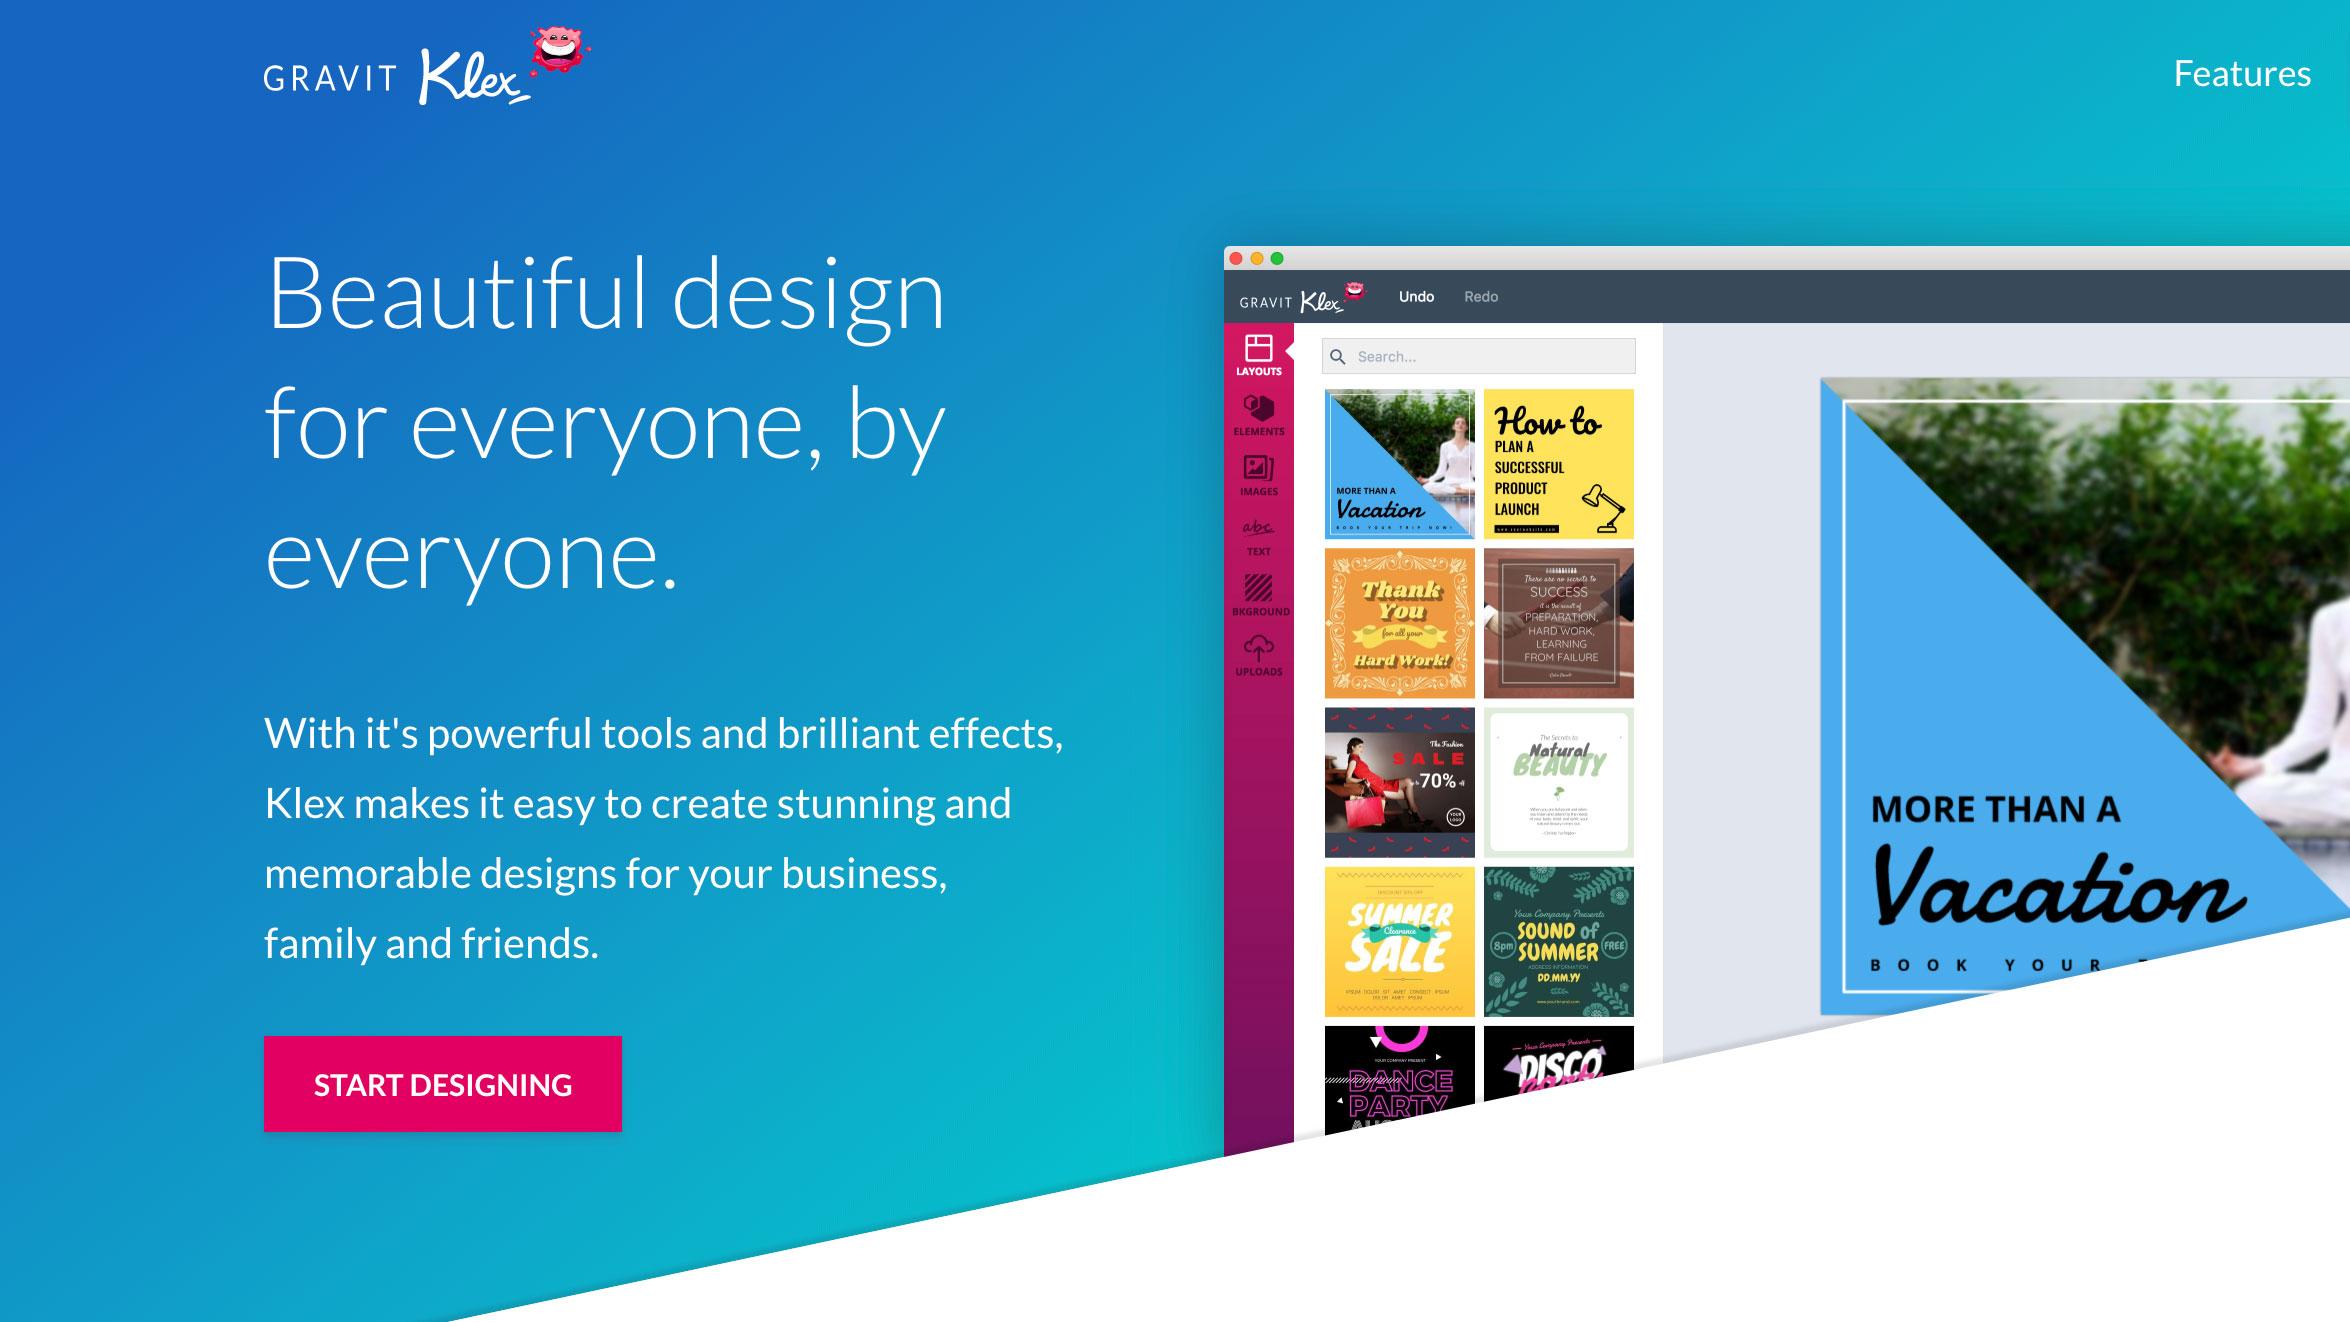 photoshop online free download windows 10